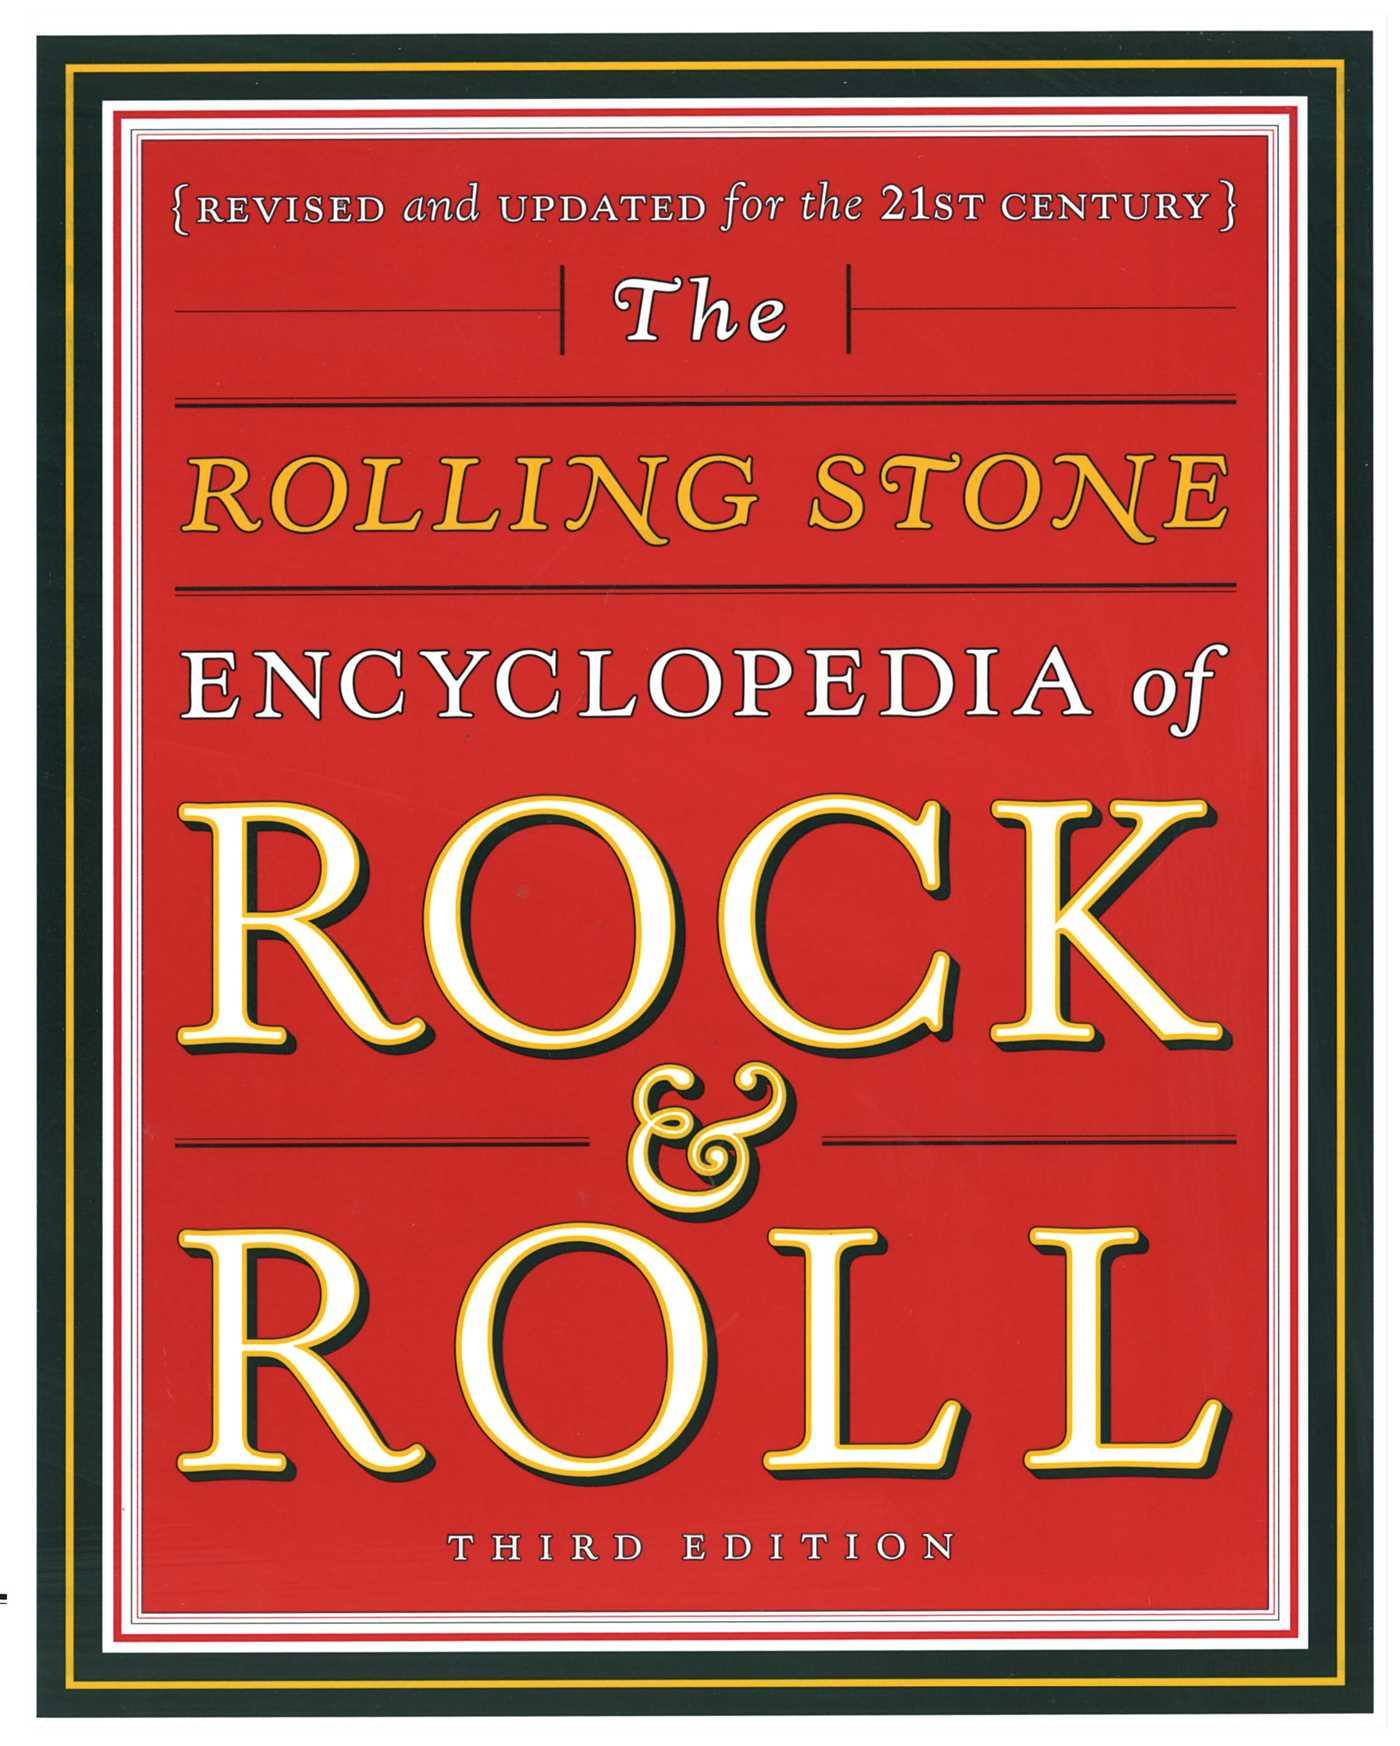 Rolling stone encyclopedia of rock roll 9780743201209 hr